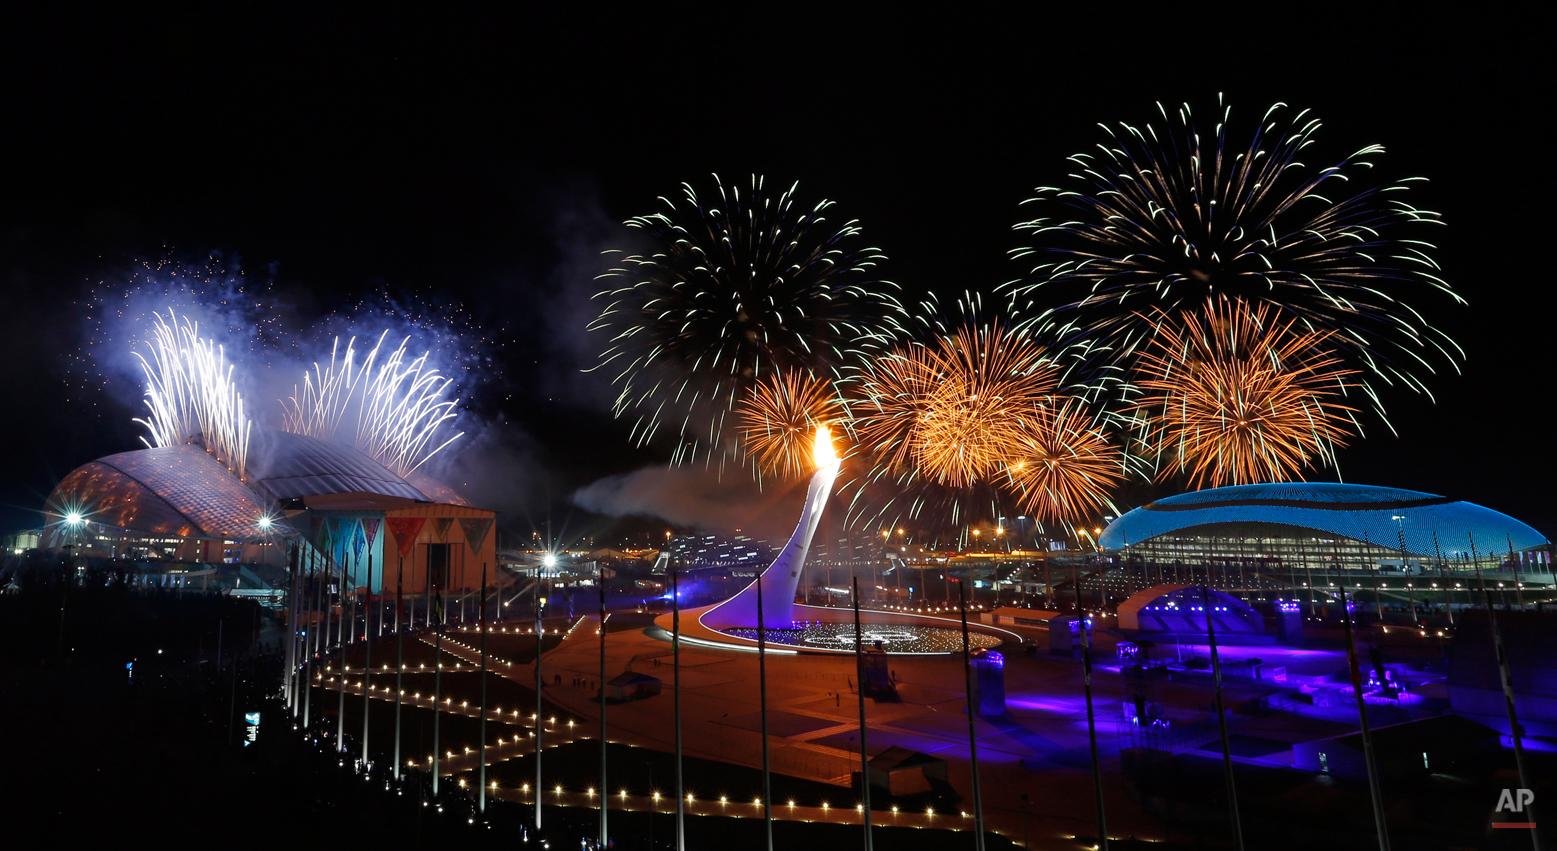 YE Sochi Olympics Opening Ceremony